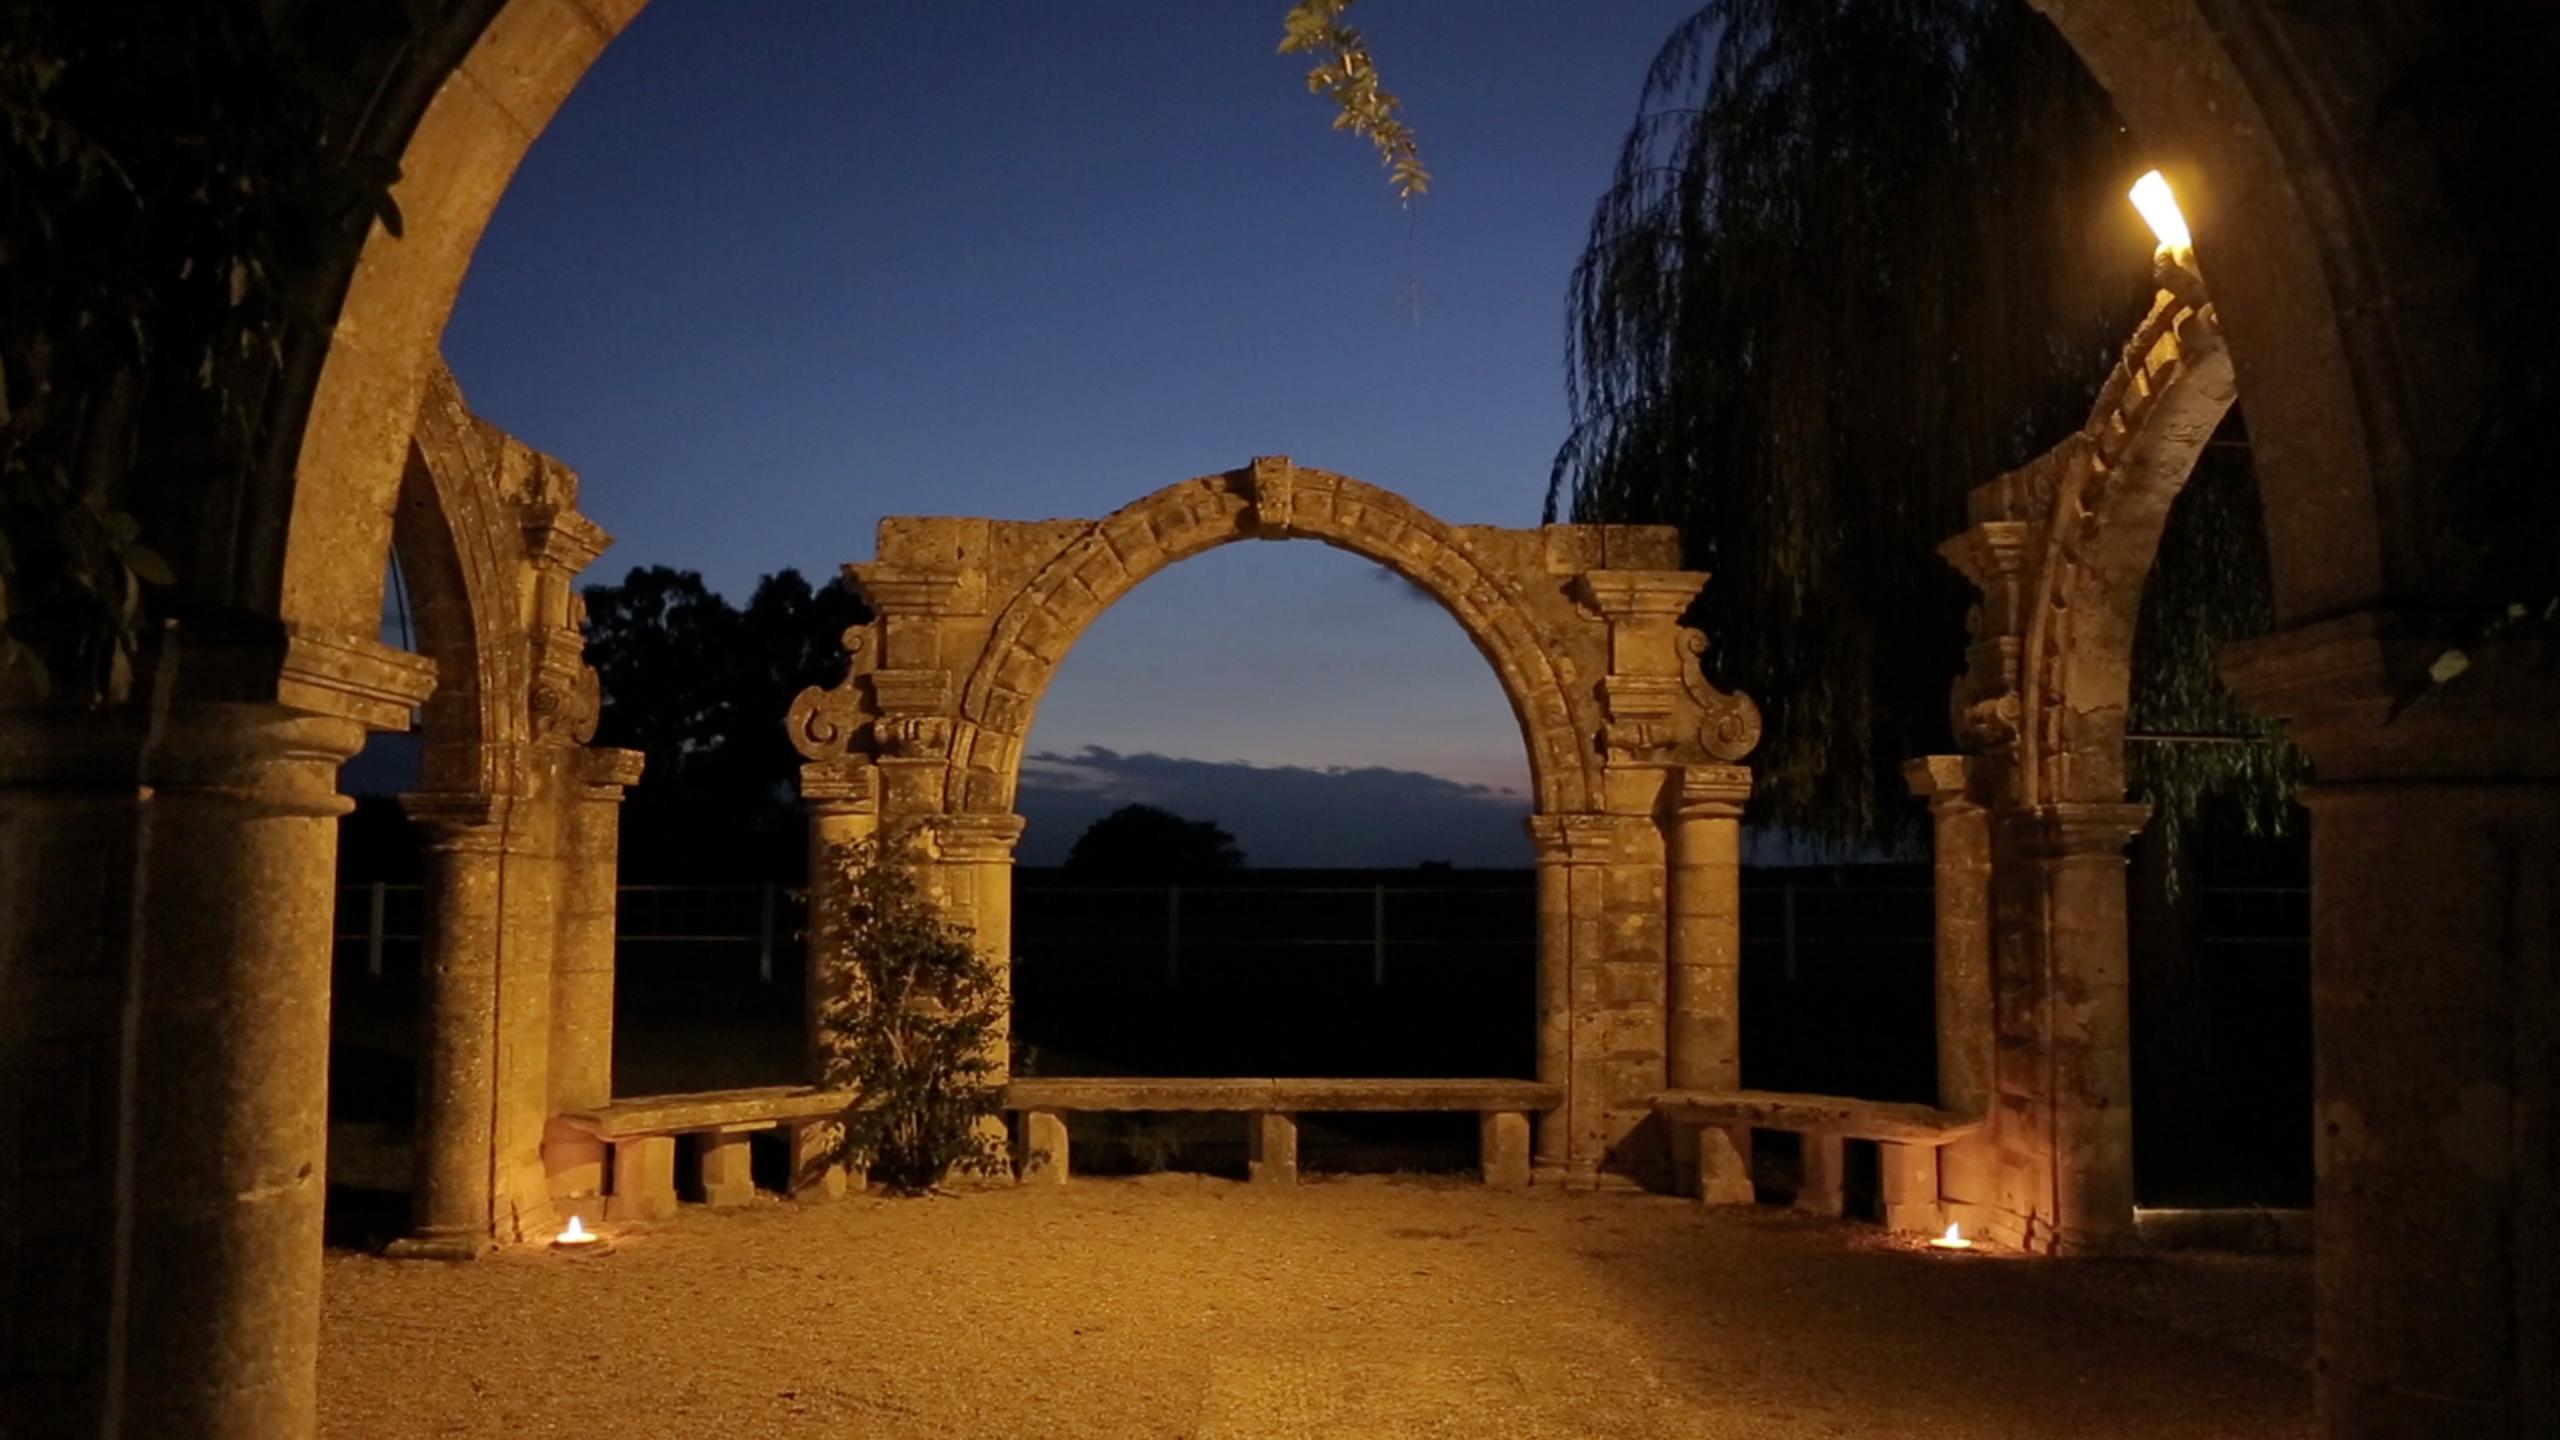 Masseria-Appidé-Arco-del-glicine-by-night